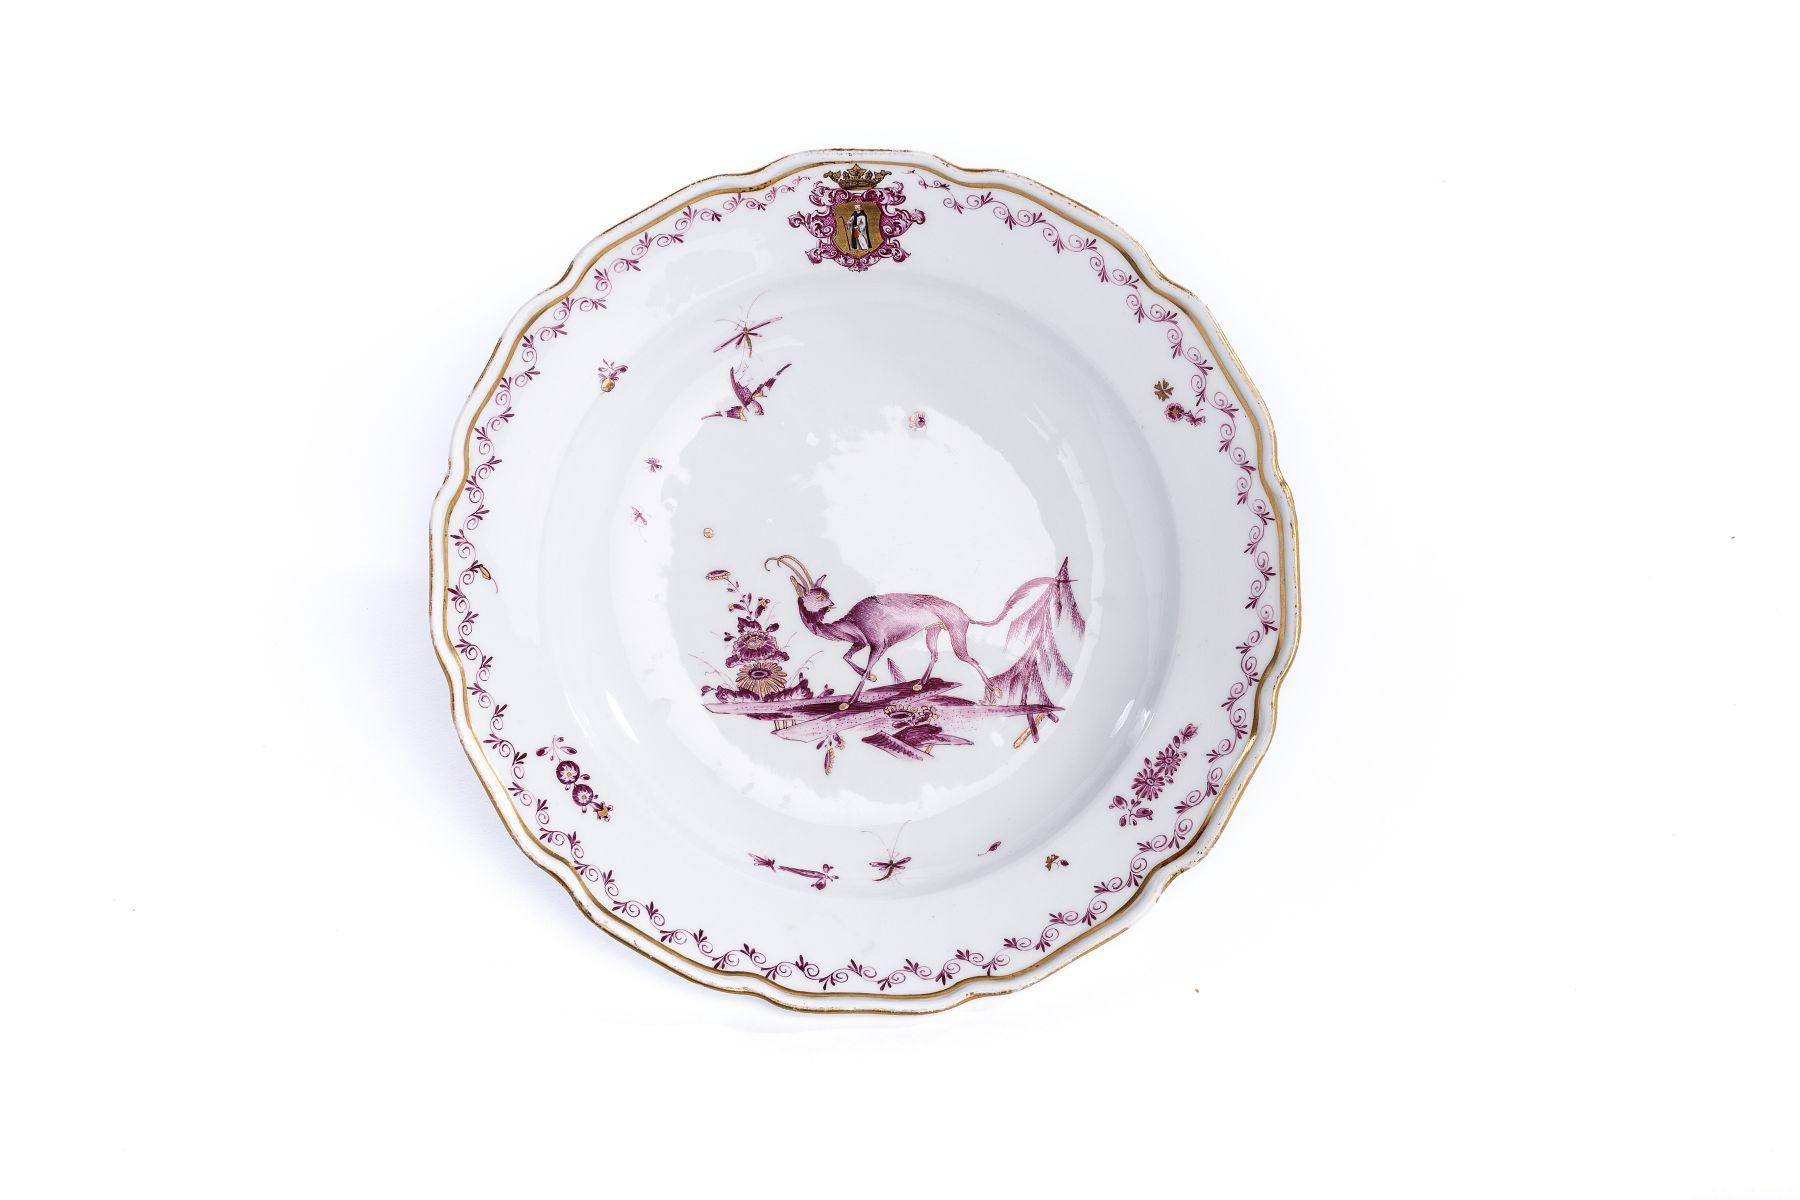 #5 Small Plate, Meissen 1745 | Kleiner Teller, Adam Friedrich Löwenfinck, Meissen 1745 Image